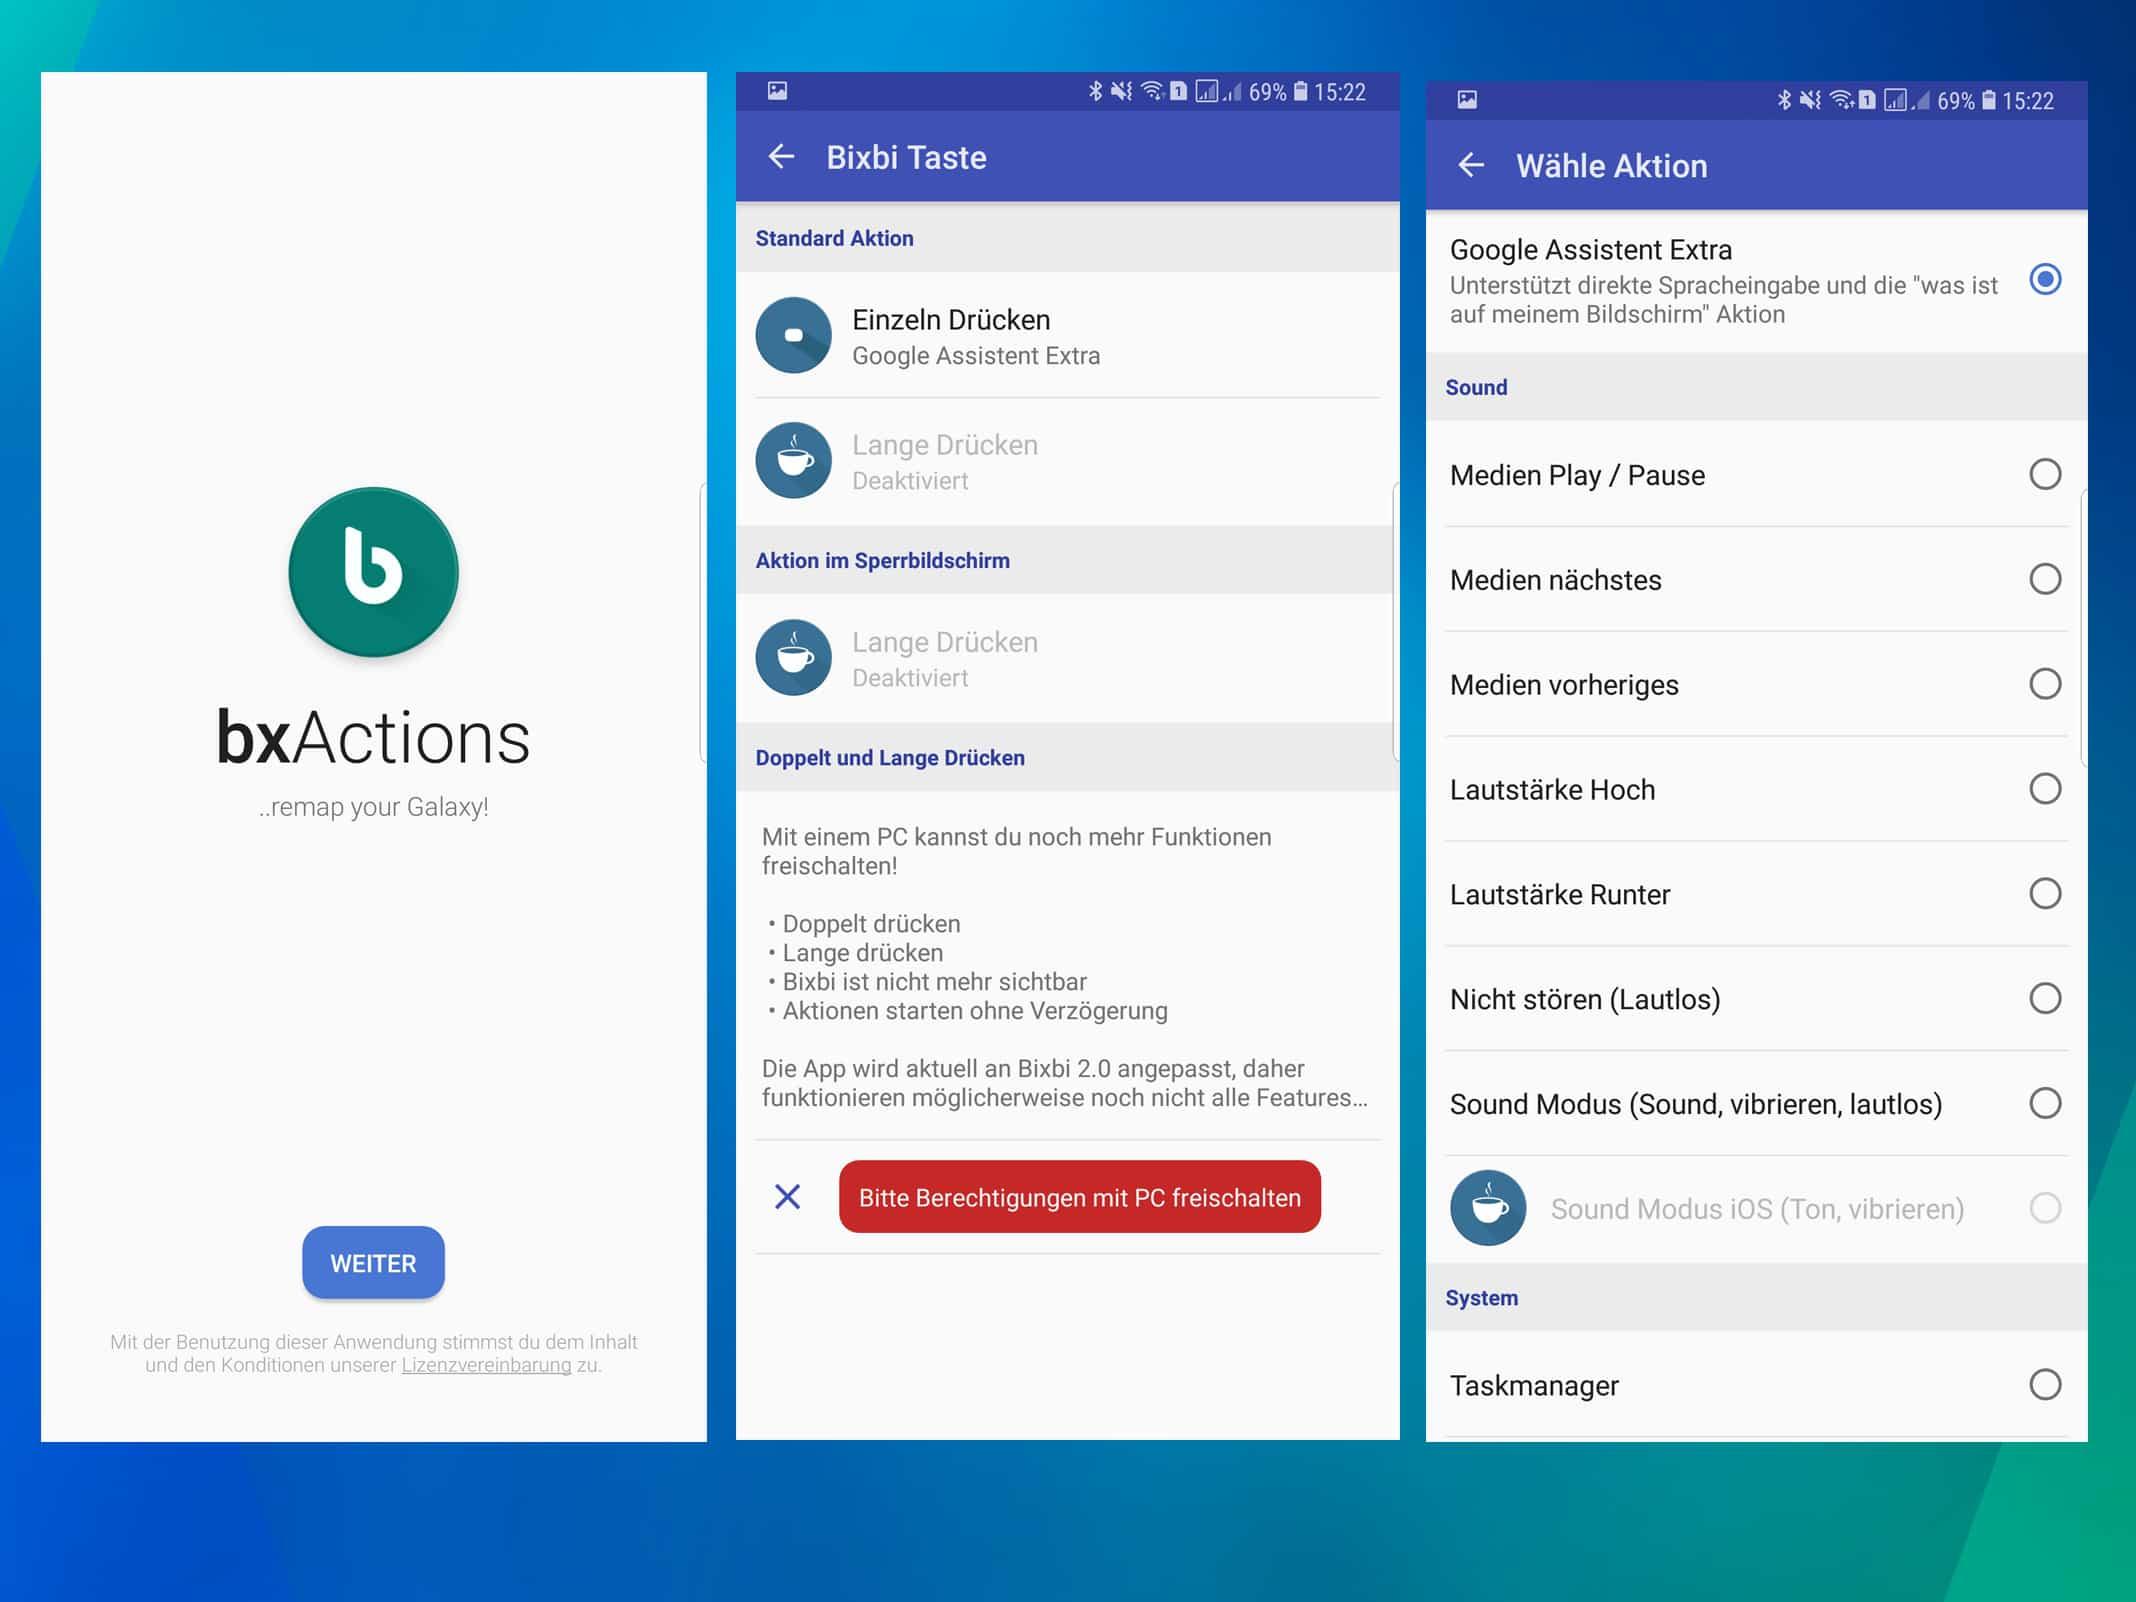 Screenshots der Bixby-Veränderungs-App bxActions